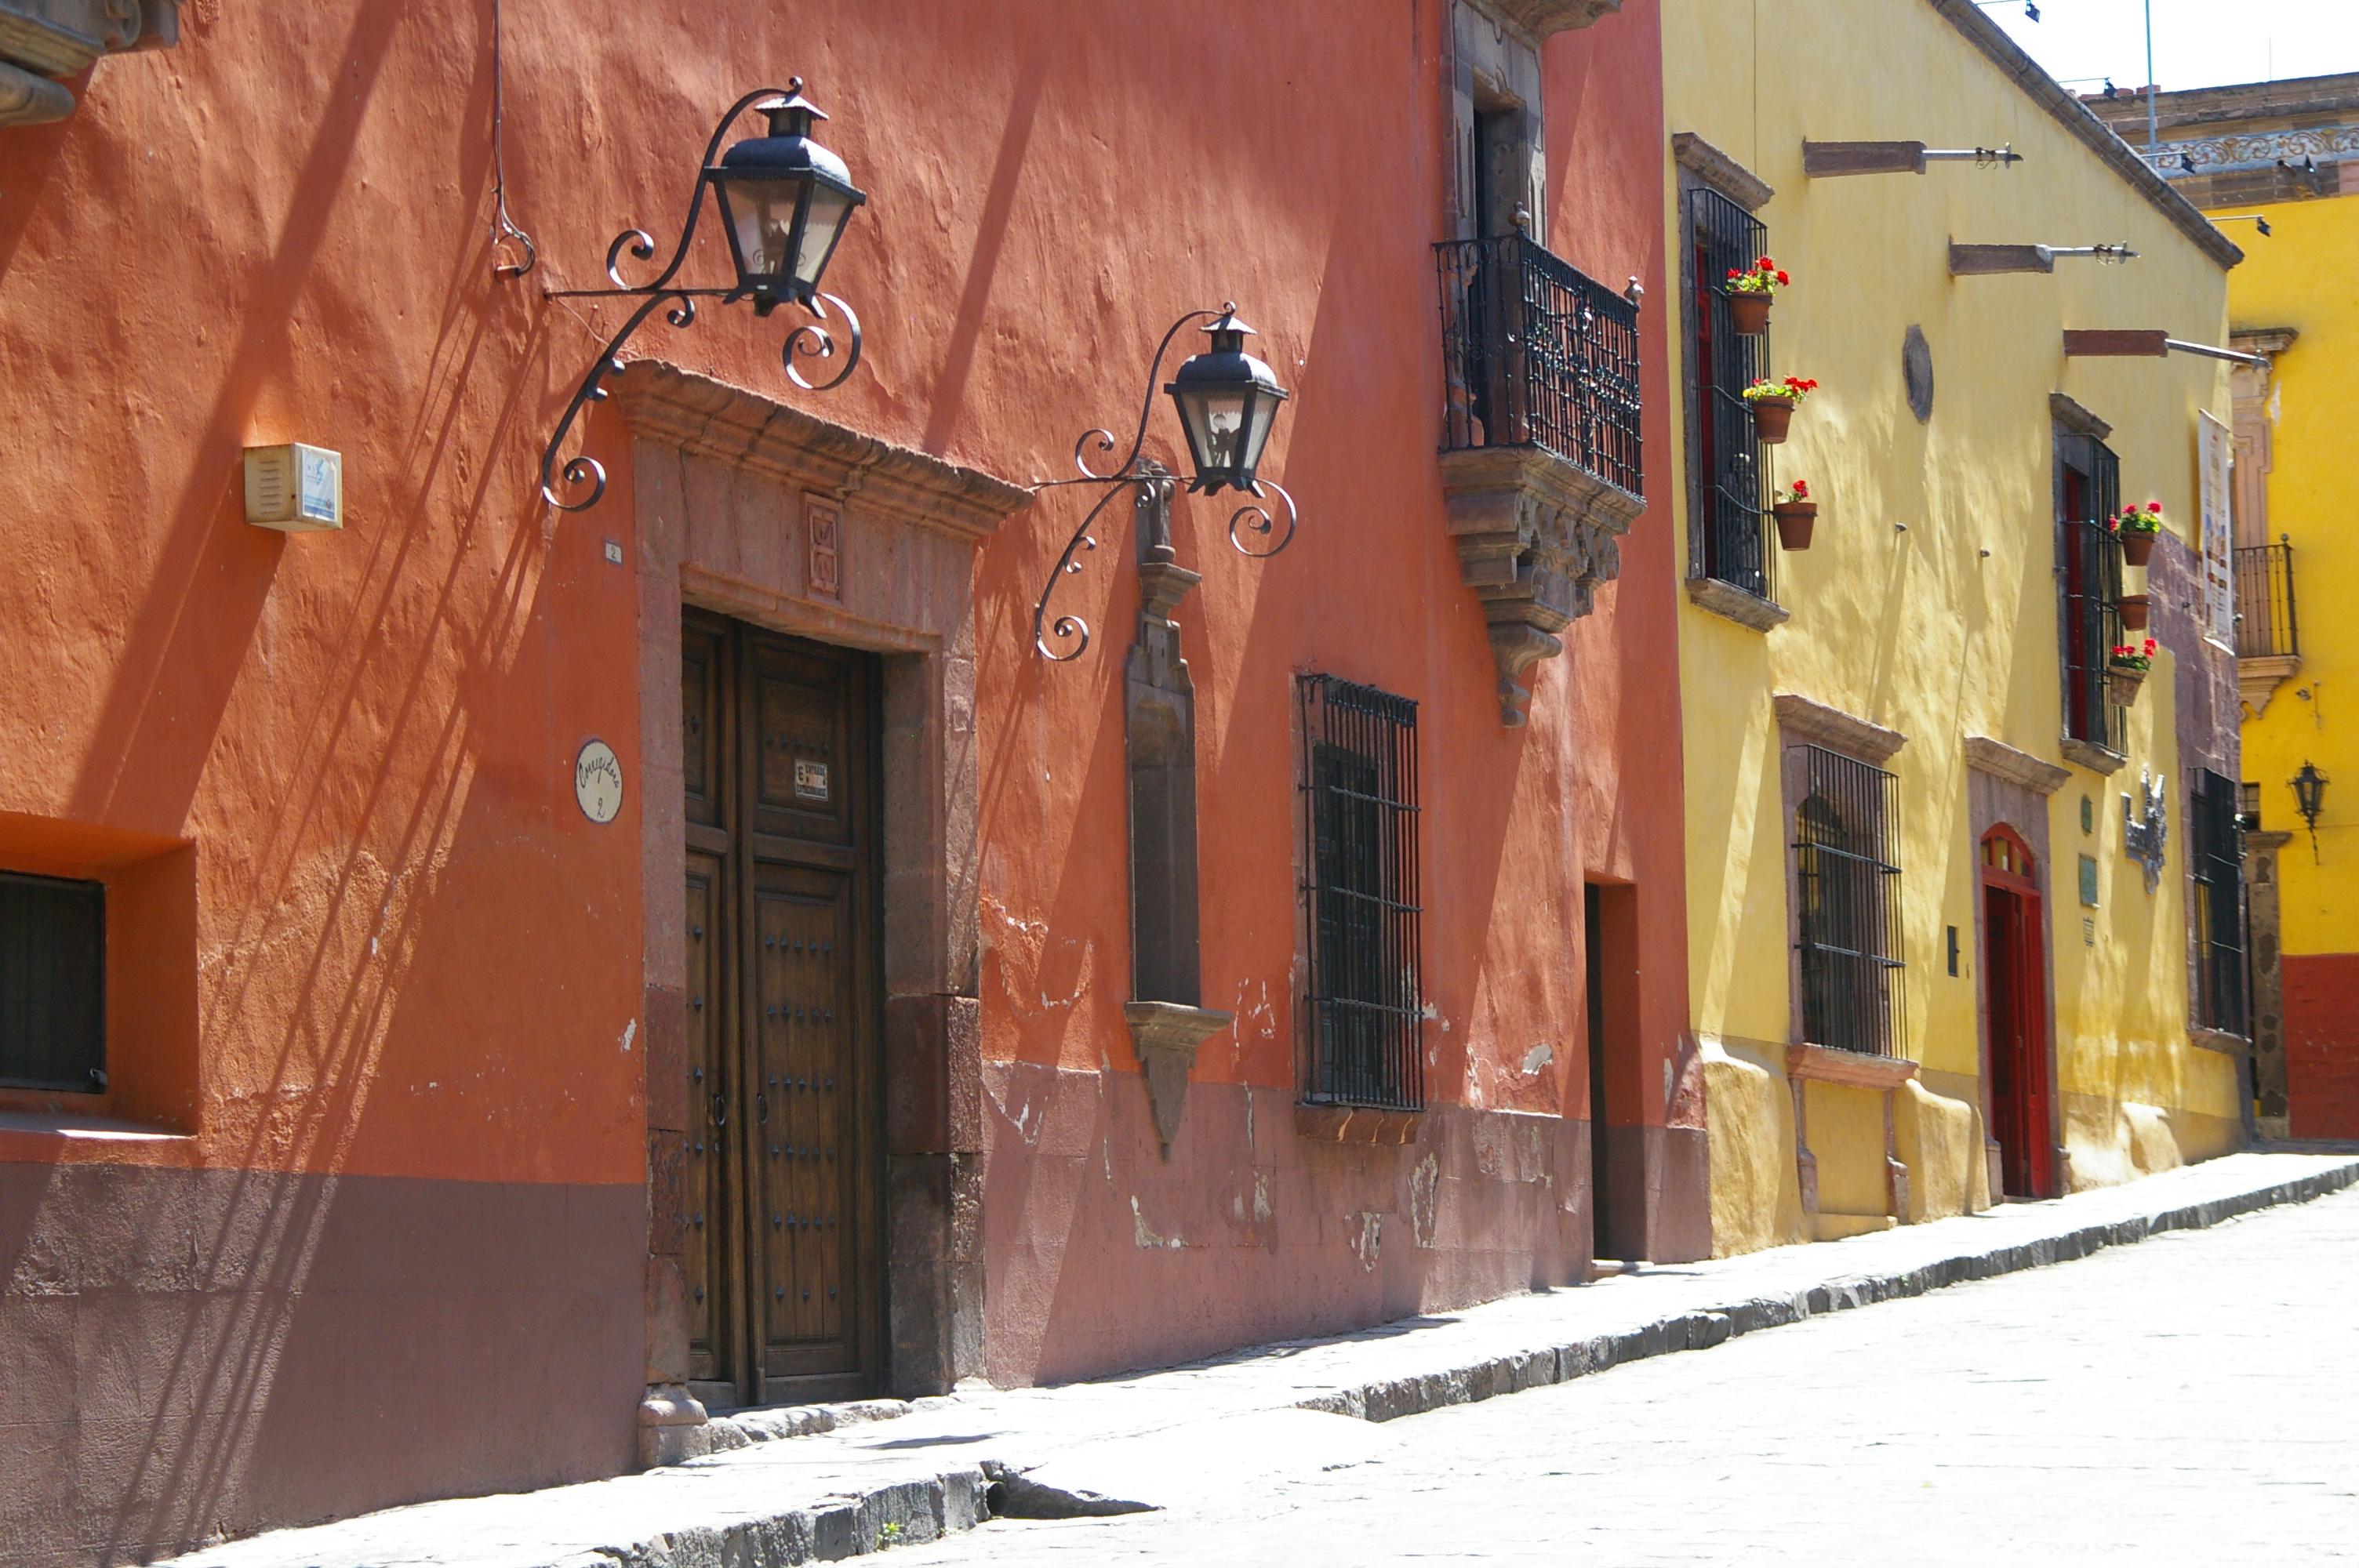 San Miguel de Allende stinks